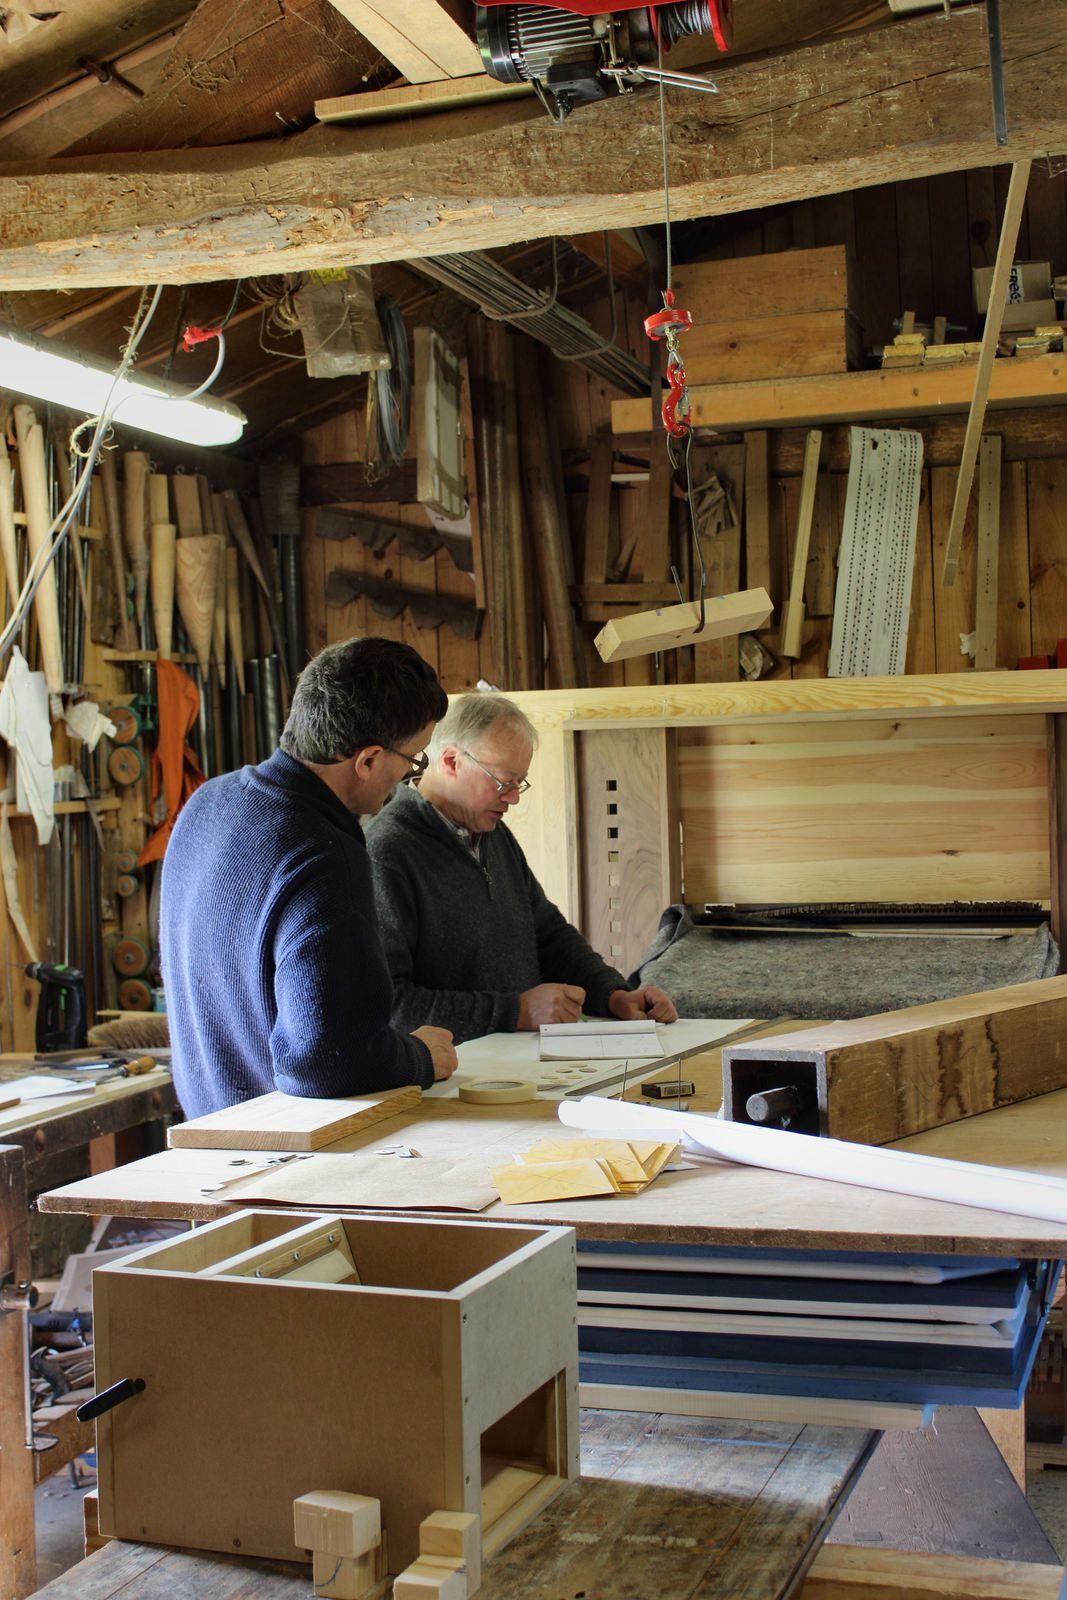 Dans leur atelier, Alain et Eric, les facteurs d'orgue, sont en pleine réflexion sur le positionnement des tuyaux.